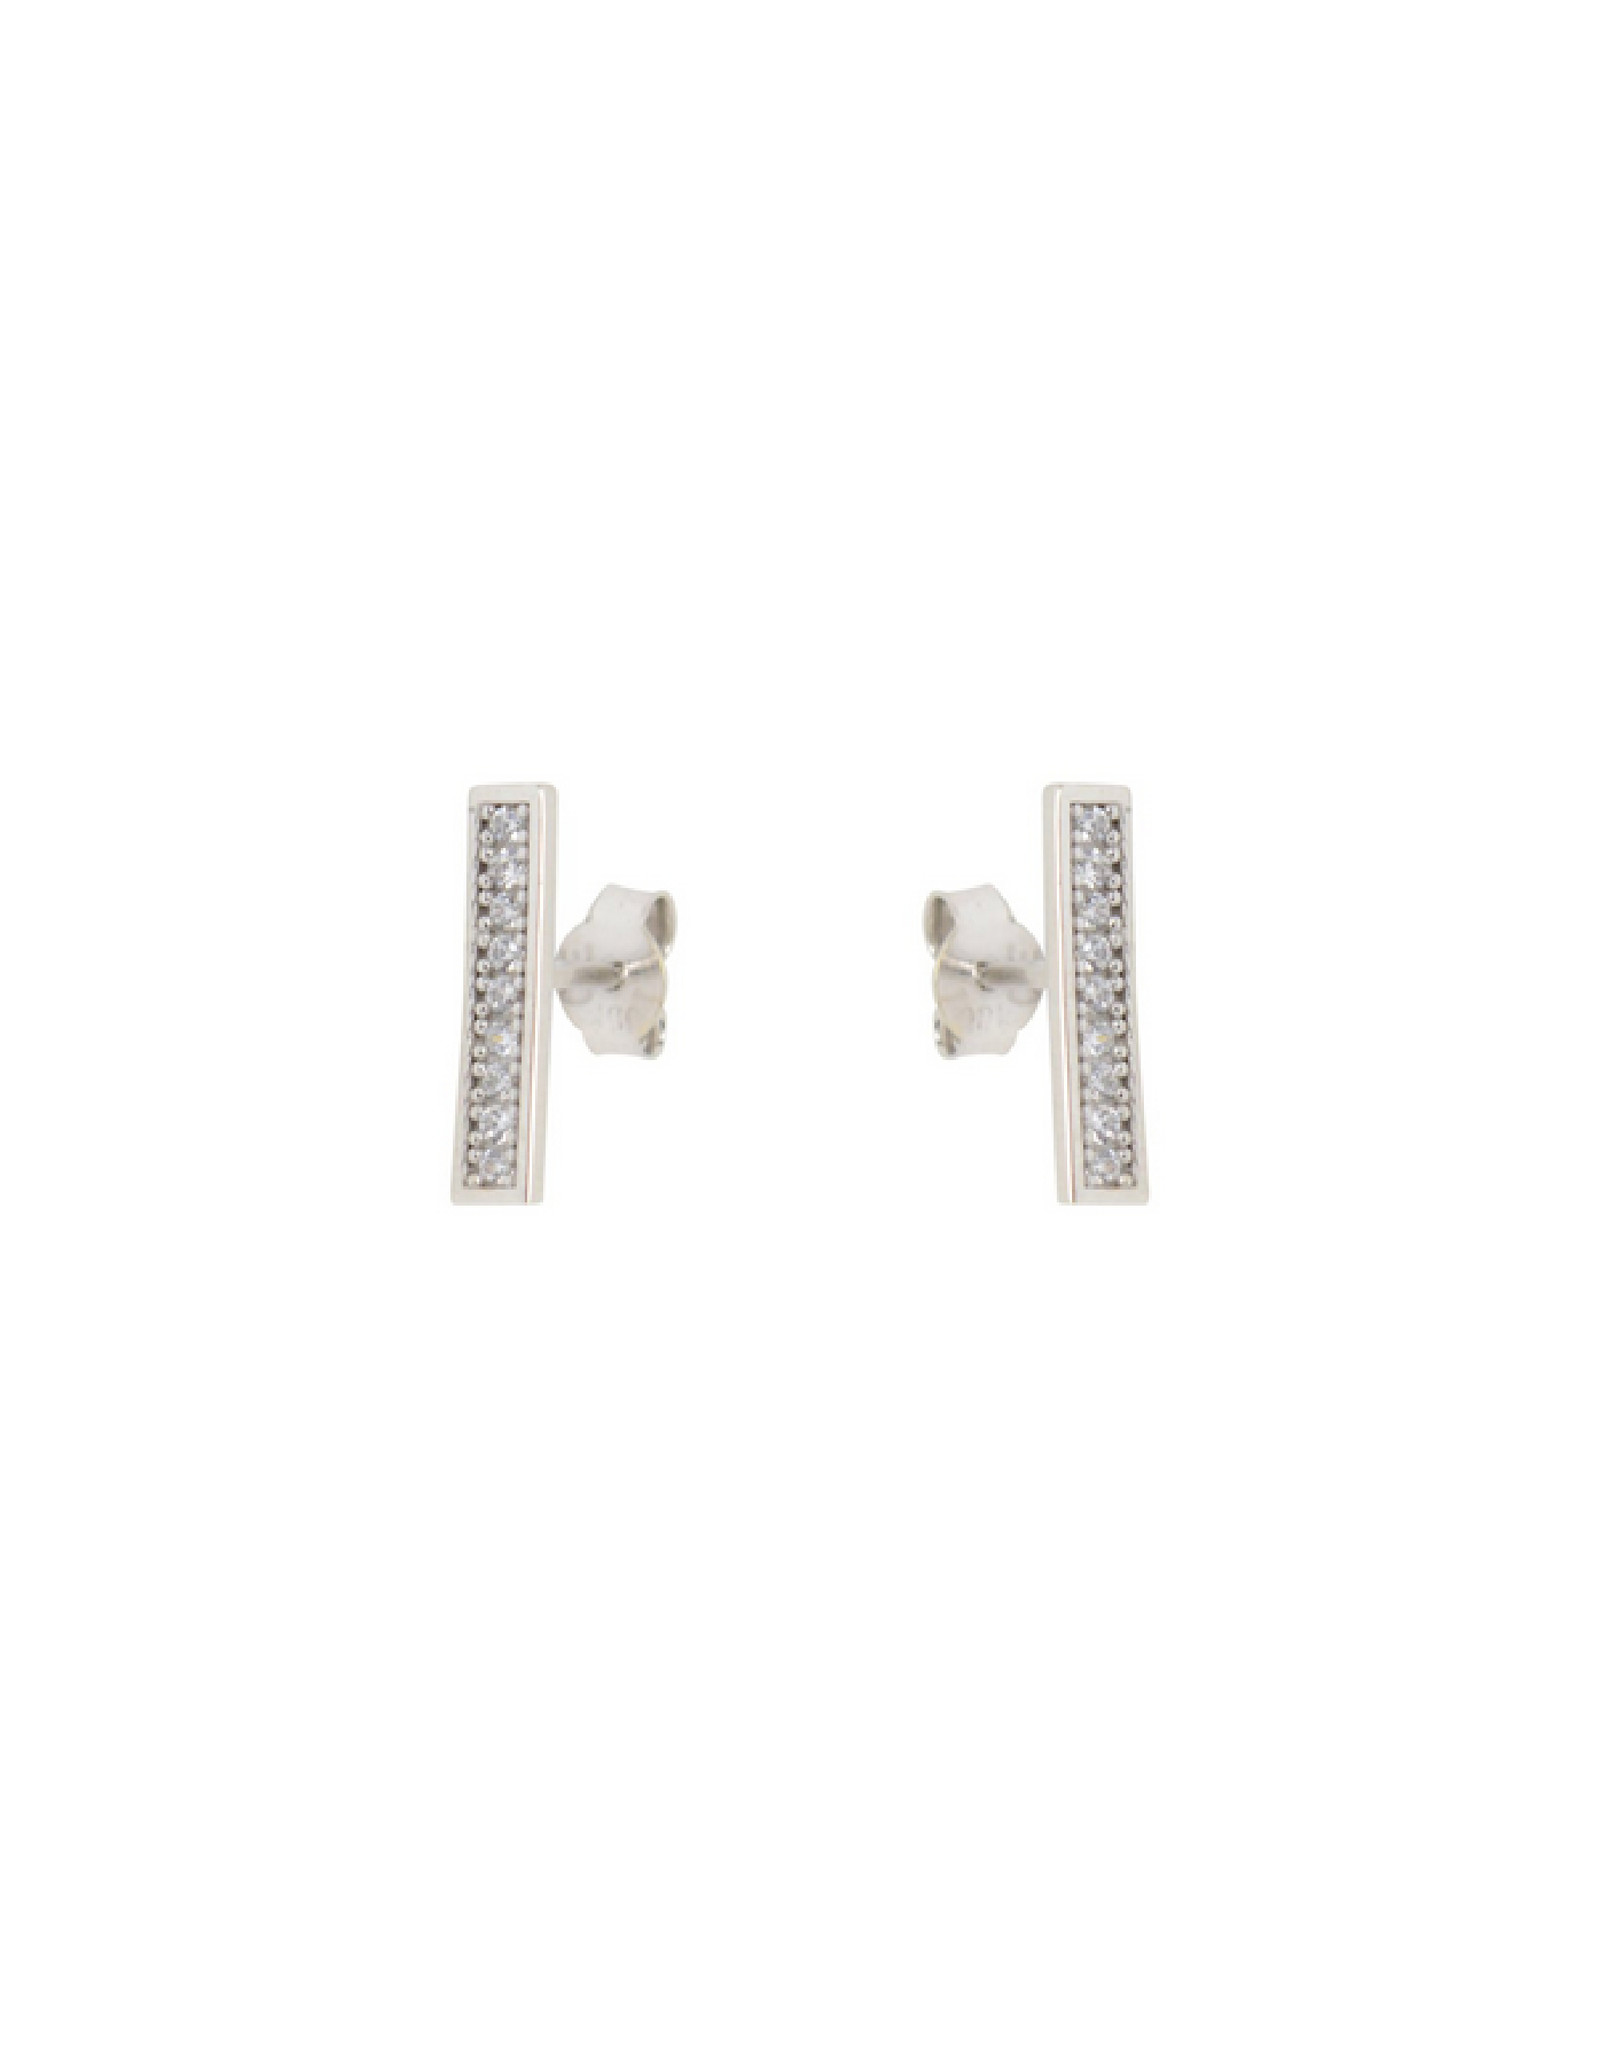 Boucles d'oreilles Barre avec cubique zirconium Stud Or blanc 10K